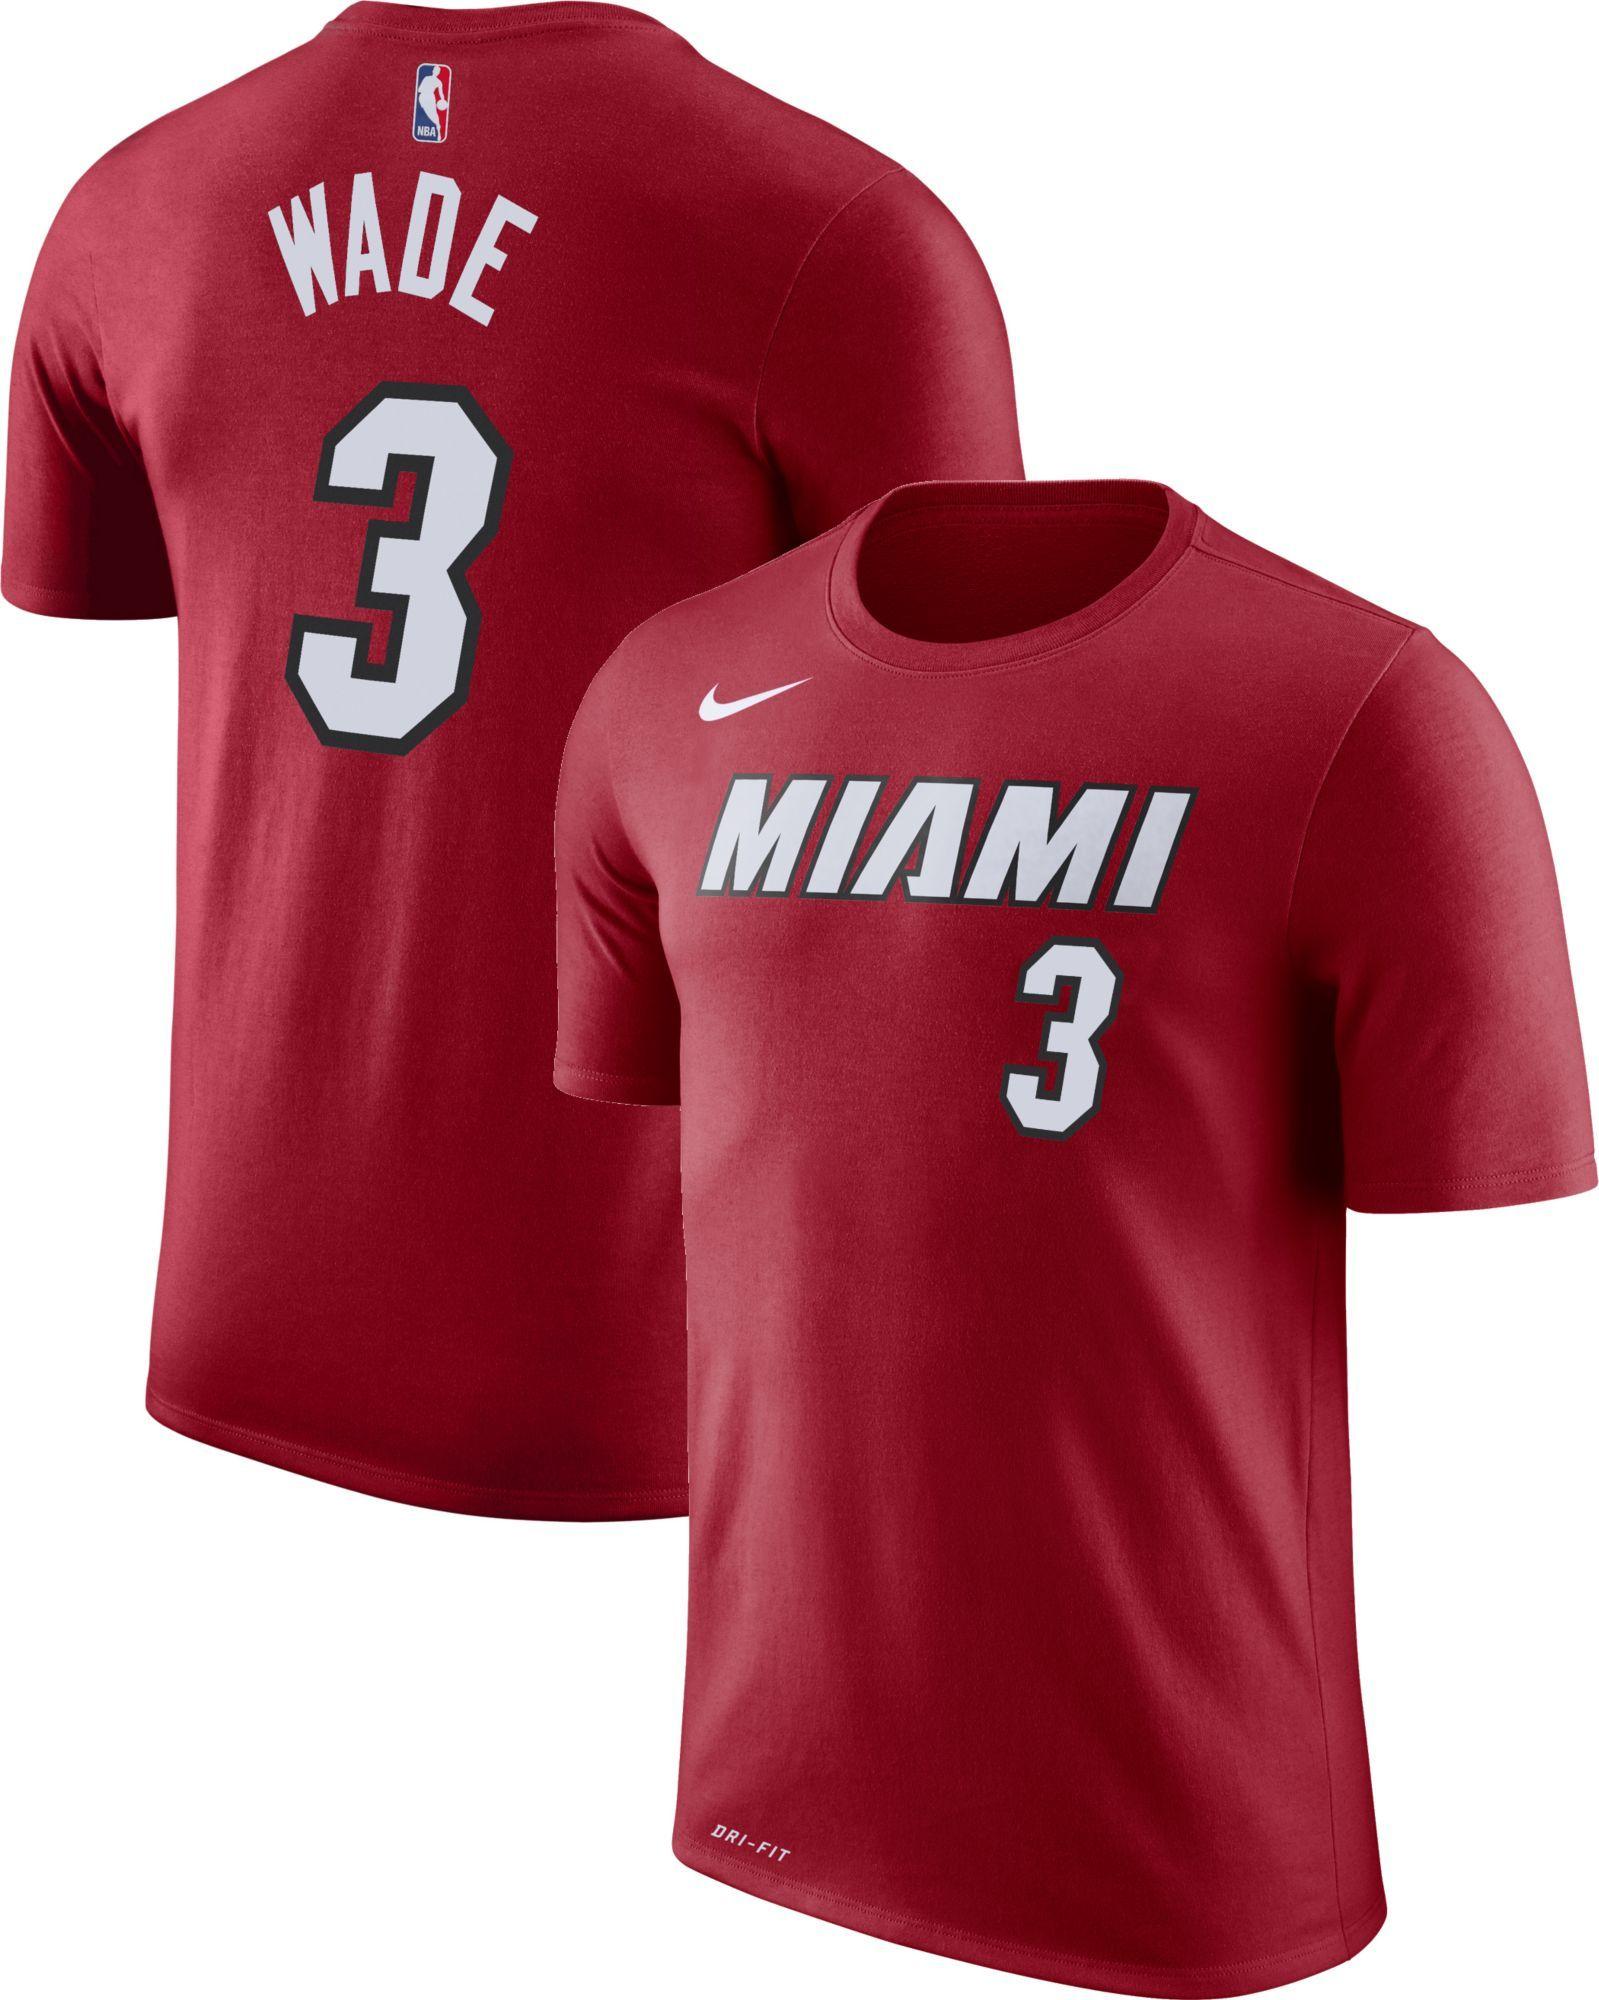 5ab88262e65 Miami Heat T Shirts Youth